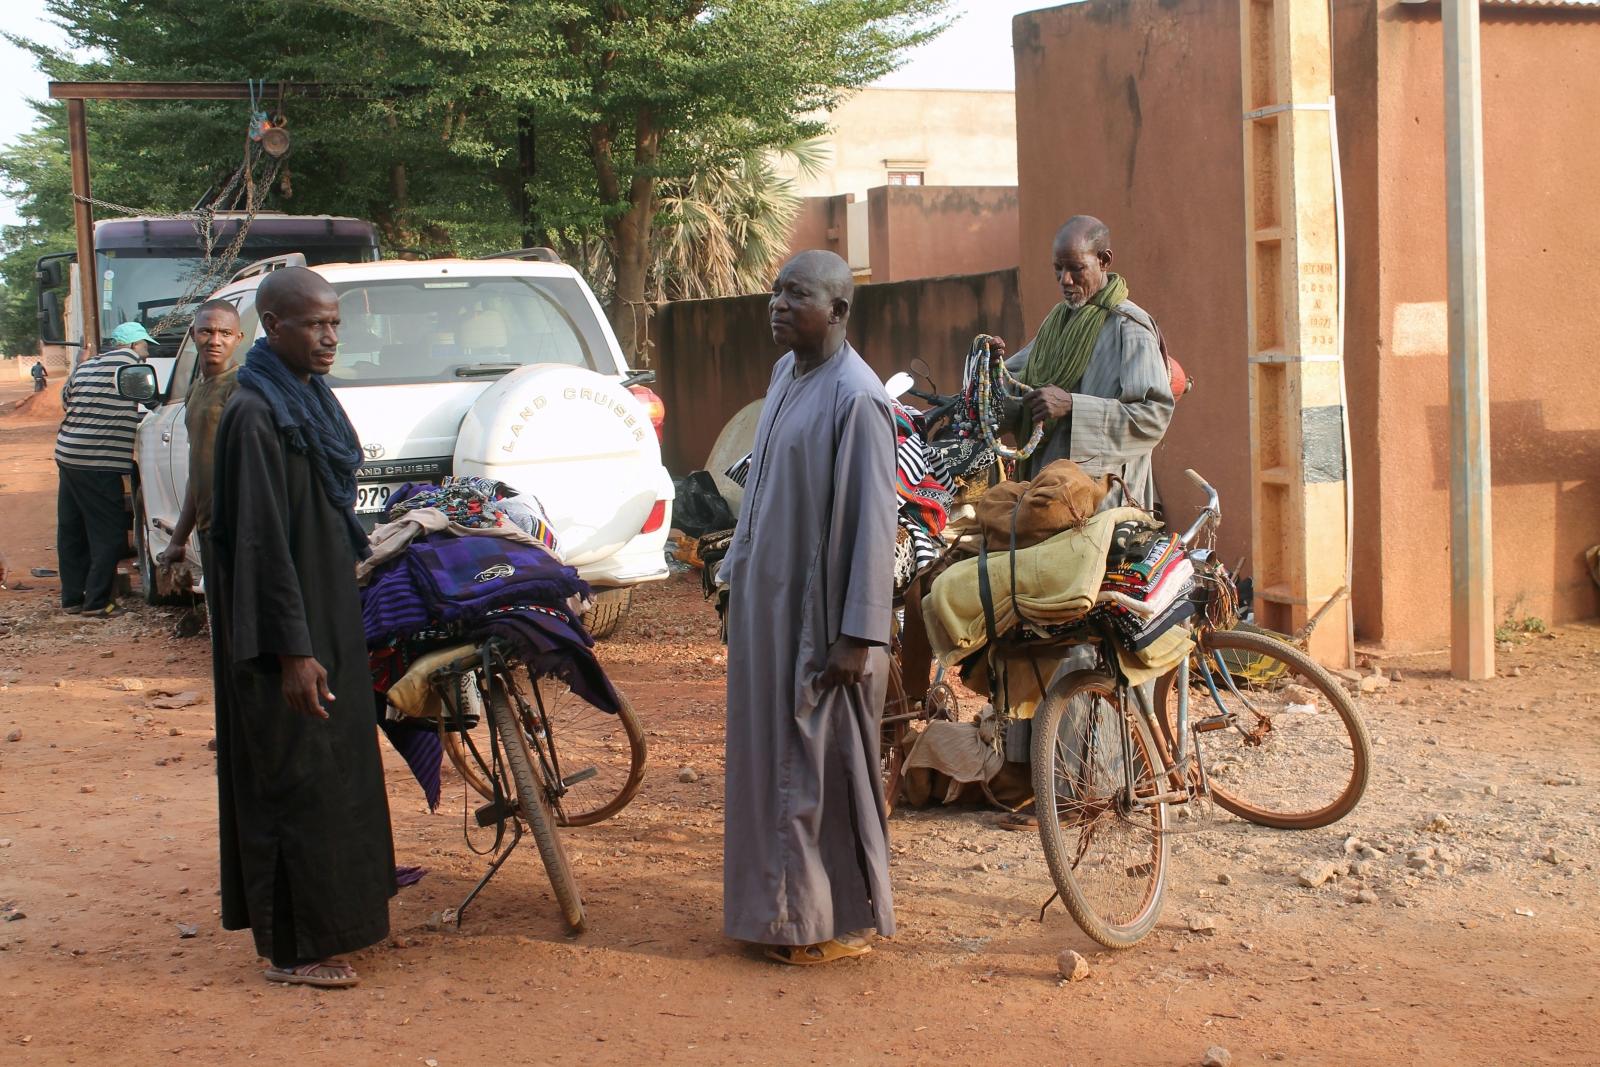 Fulani people in Mali